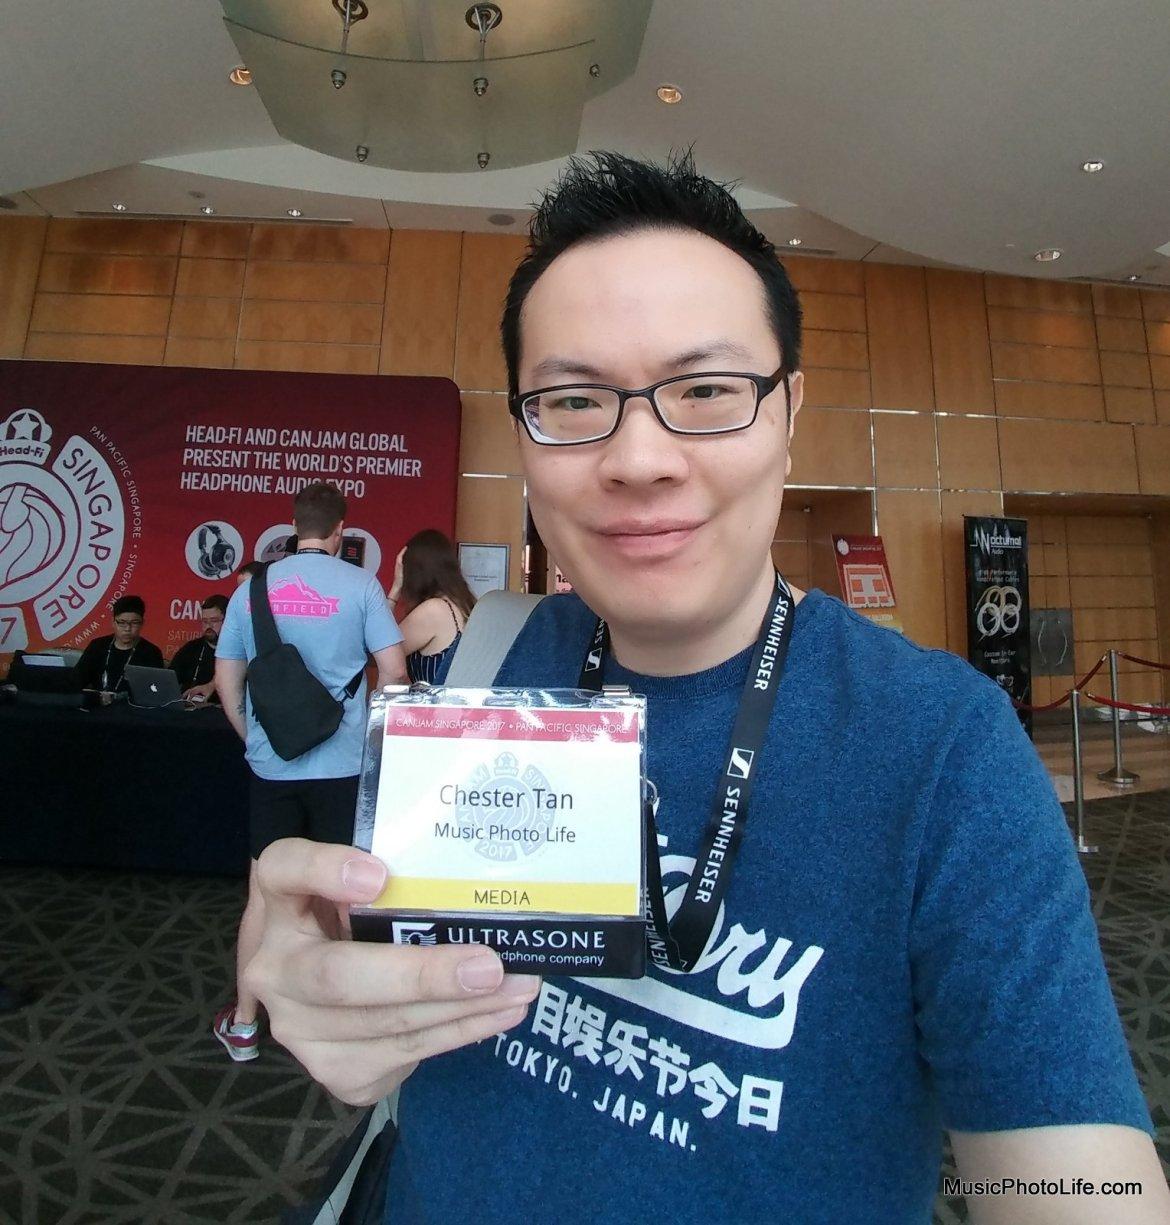 Chester Tan musicphotolife.com at CanJam Singapore 2017